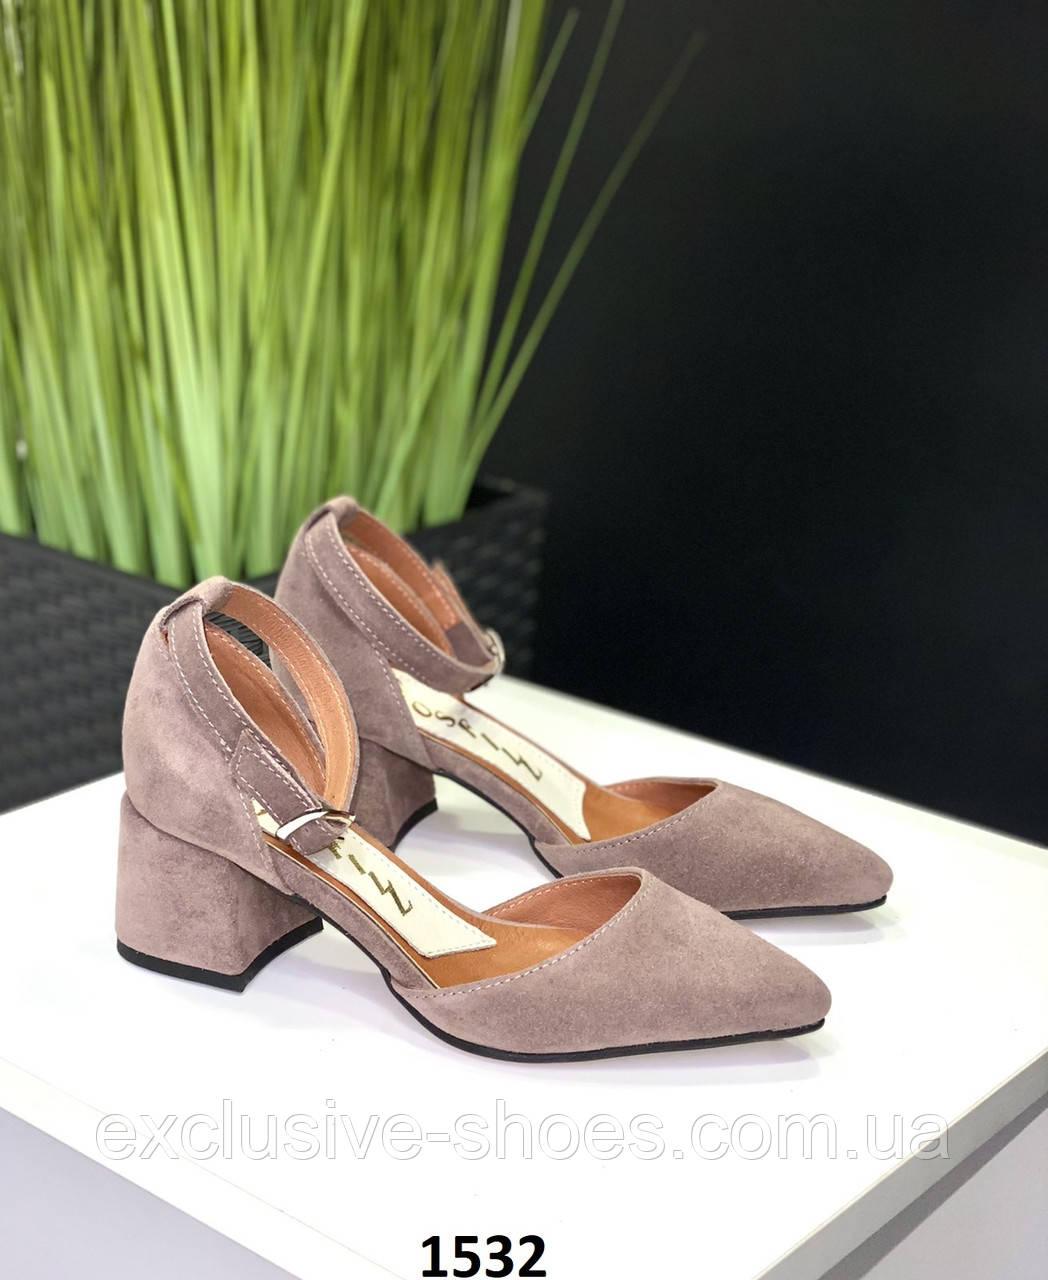 Туфли лодочки женские замшевые капучино на каблуке